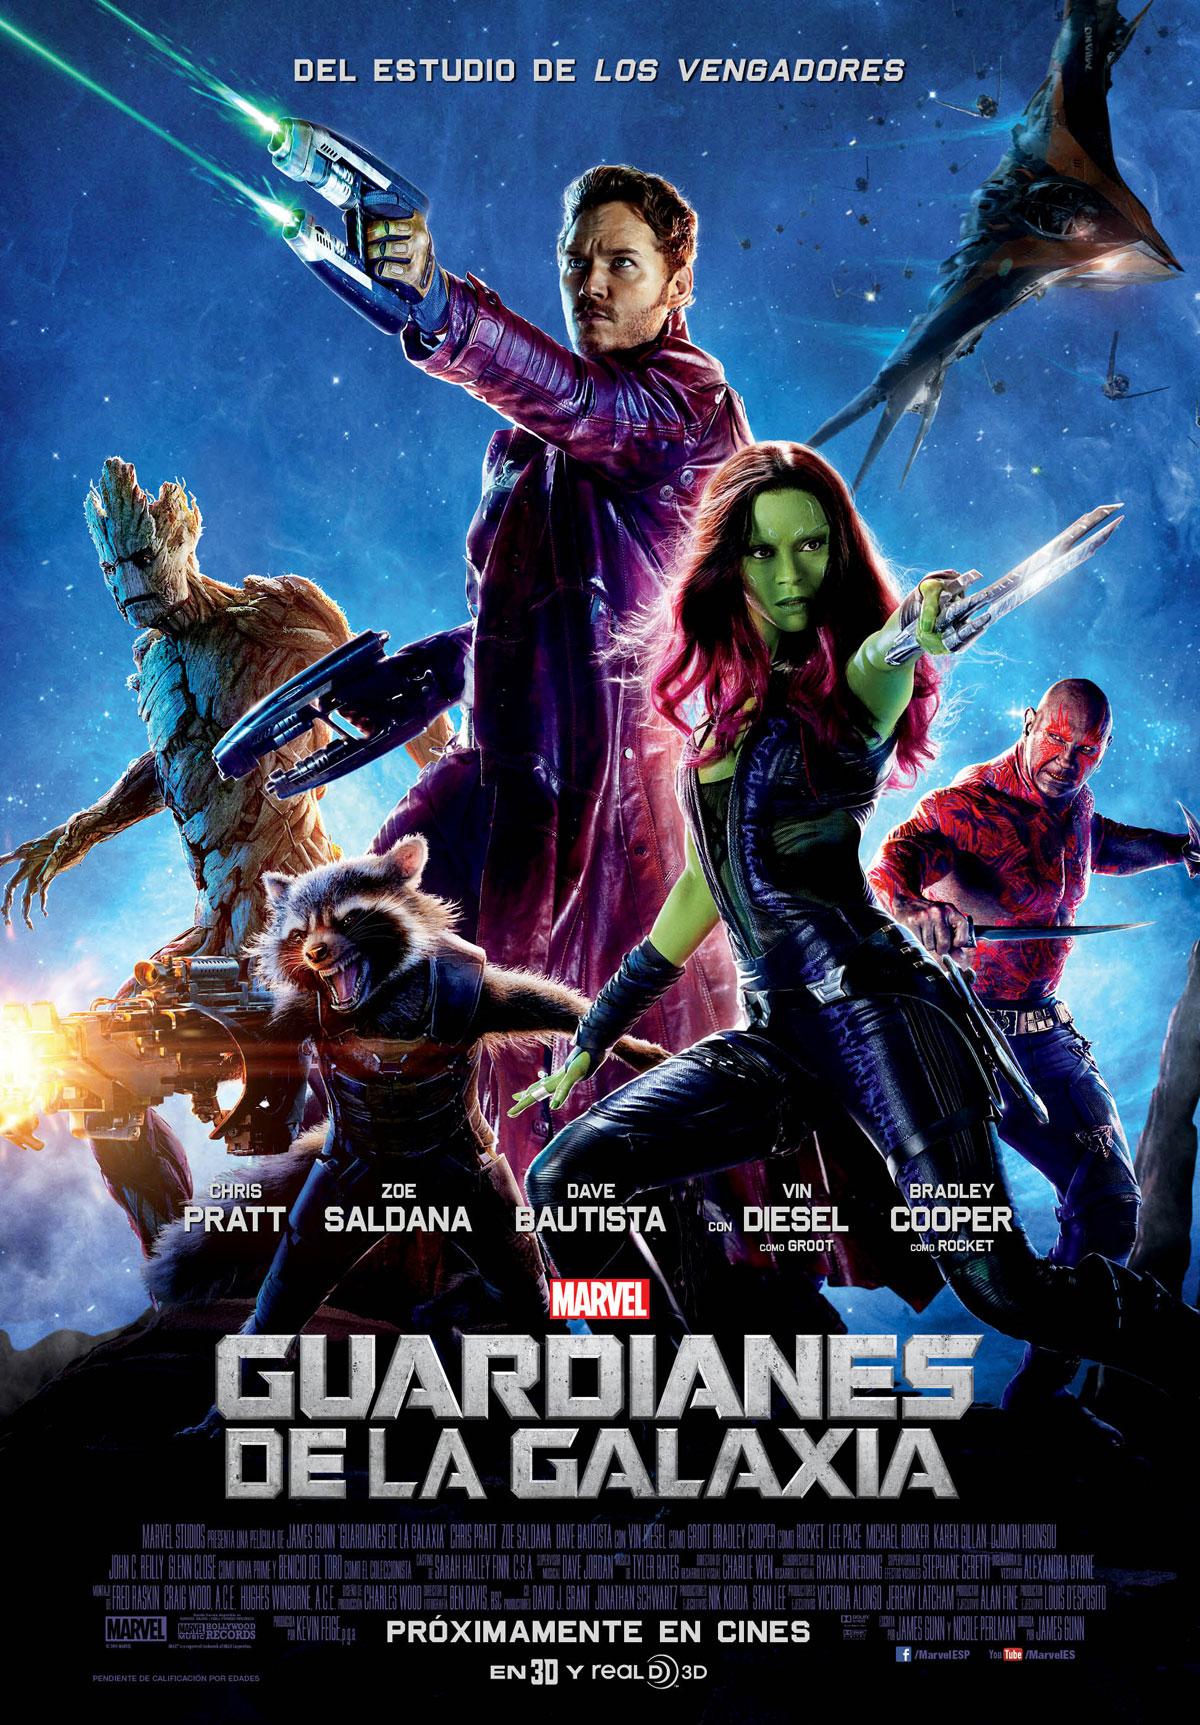 Resultado de imagen de portada de guardianes de la galaxia